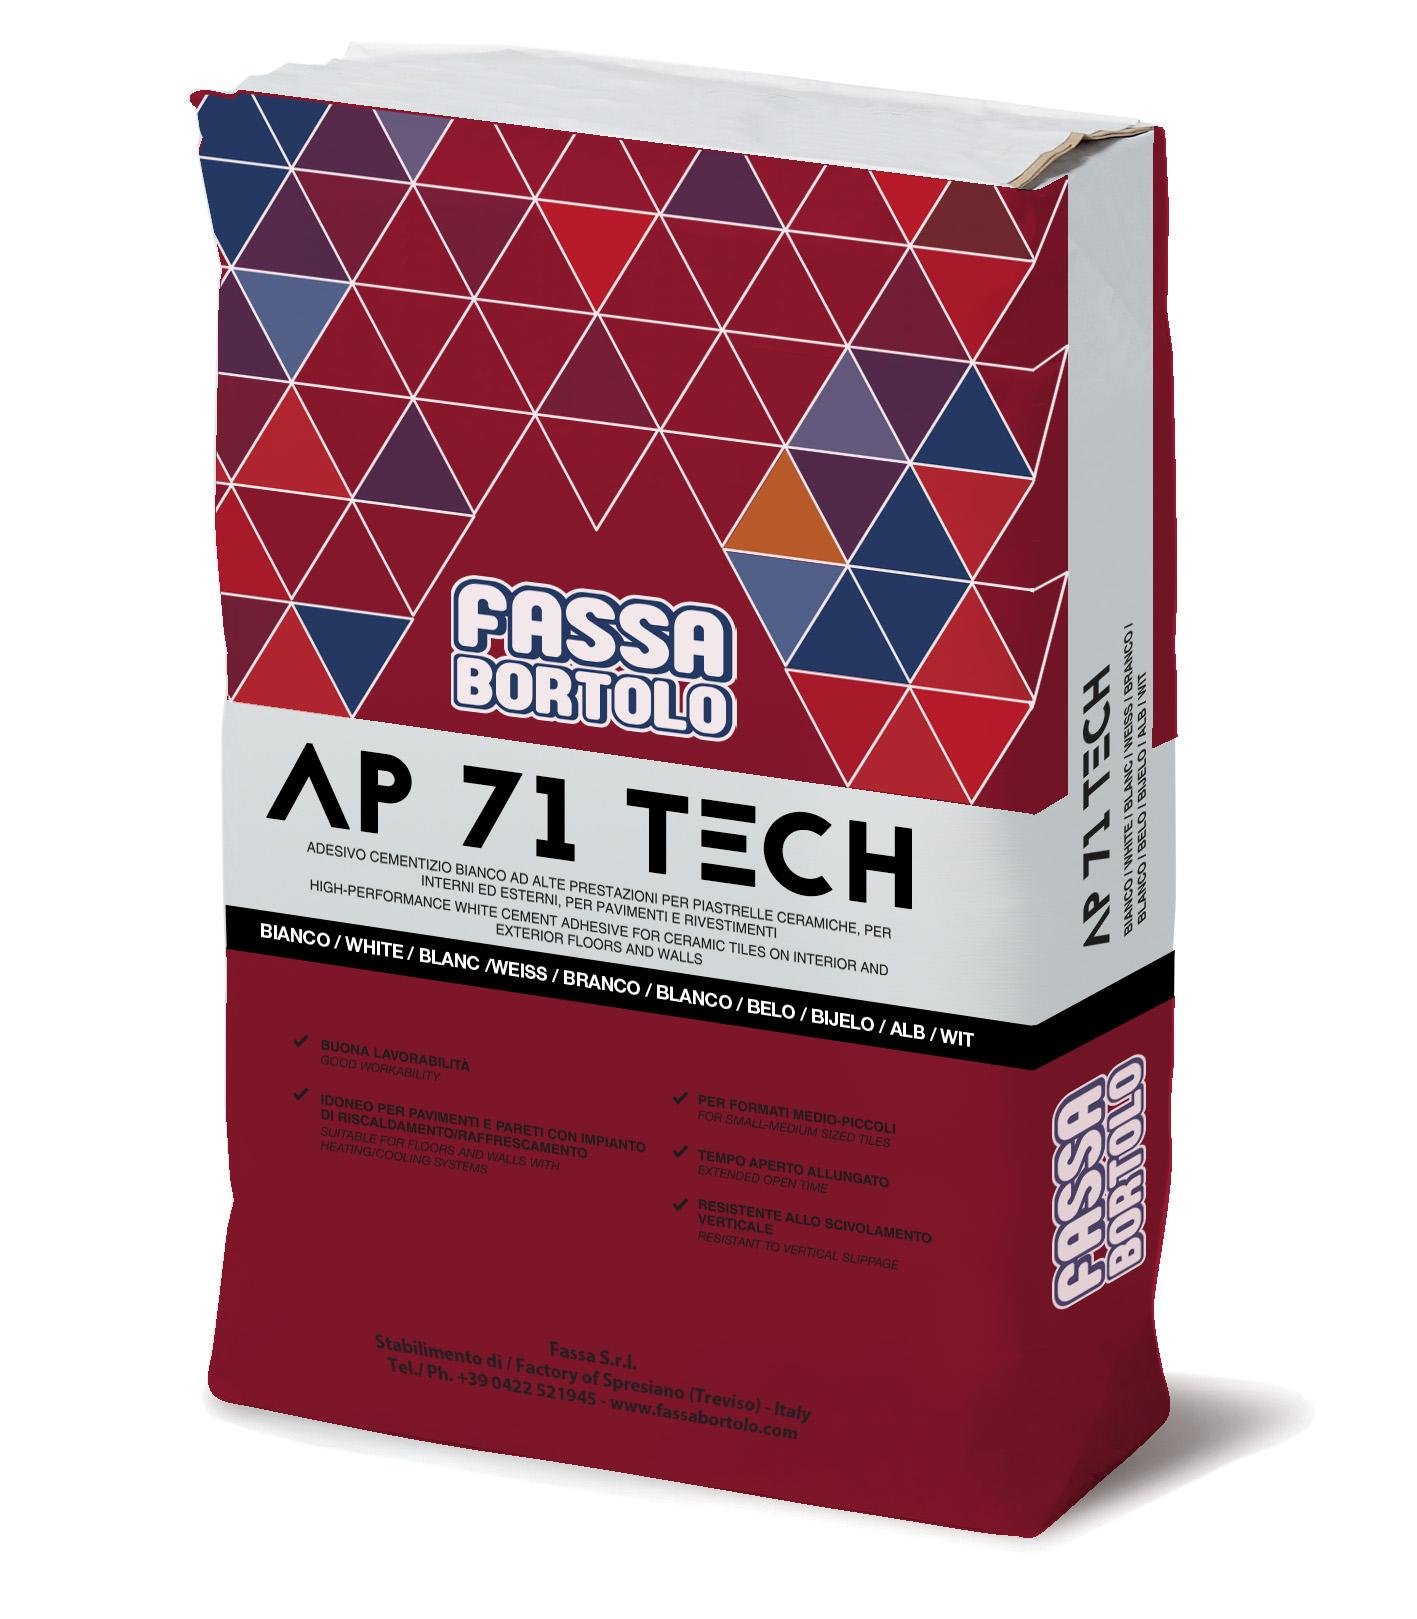 AP 71 TECH: Adesivo monocomponente a media elasticità, bianco e grigio, per pavimenti e rivestimenti sia in esterno che interno